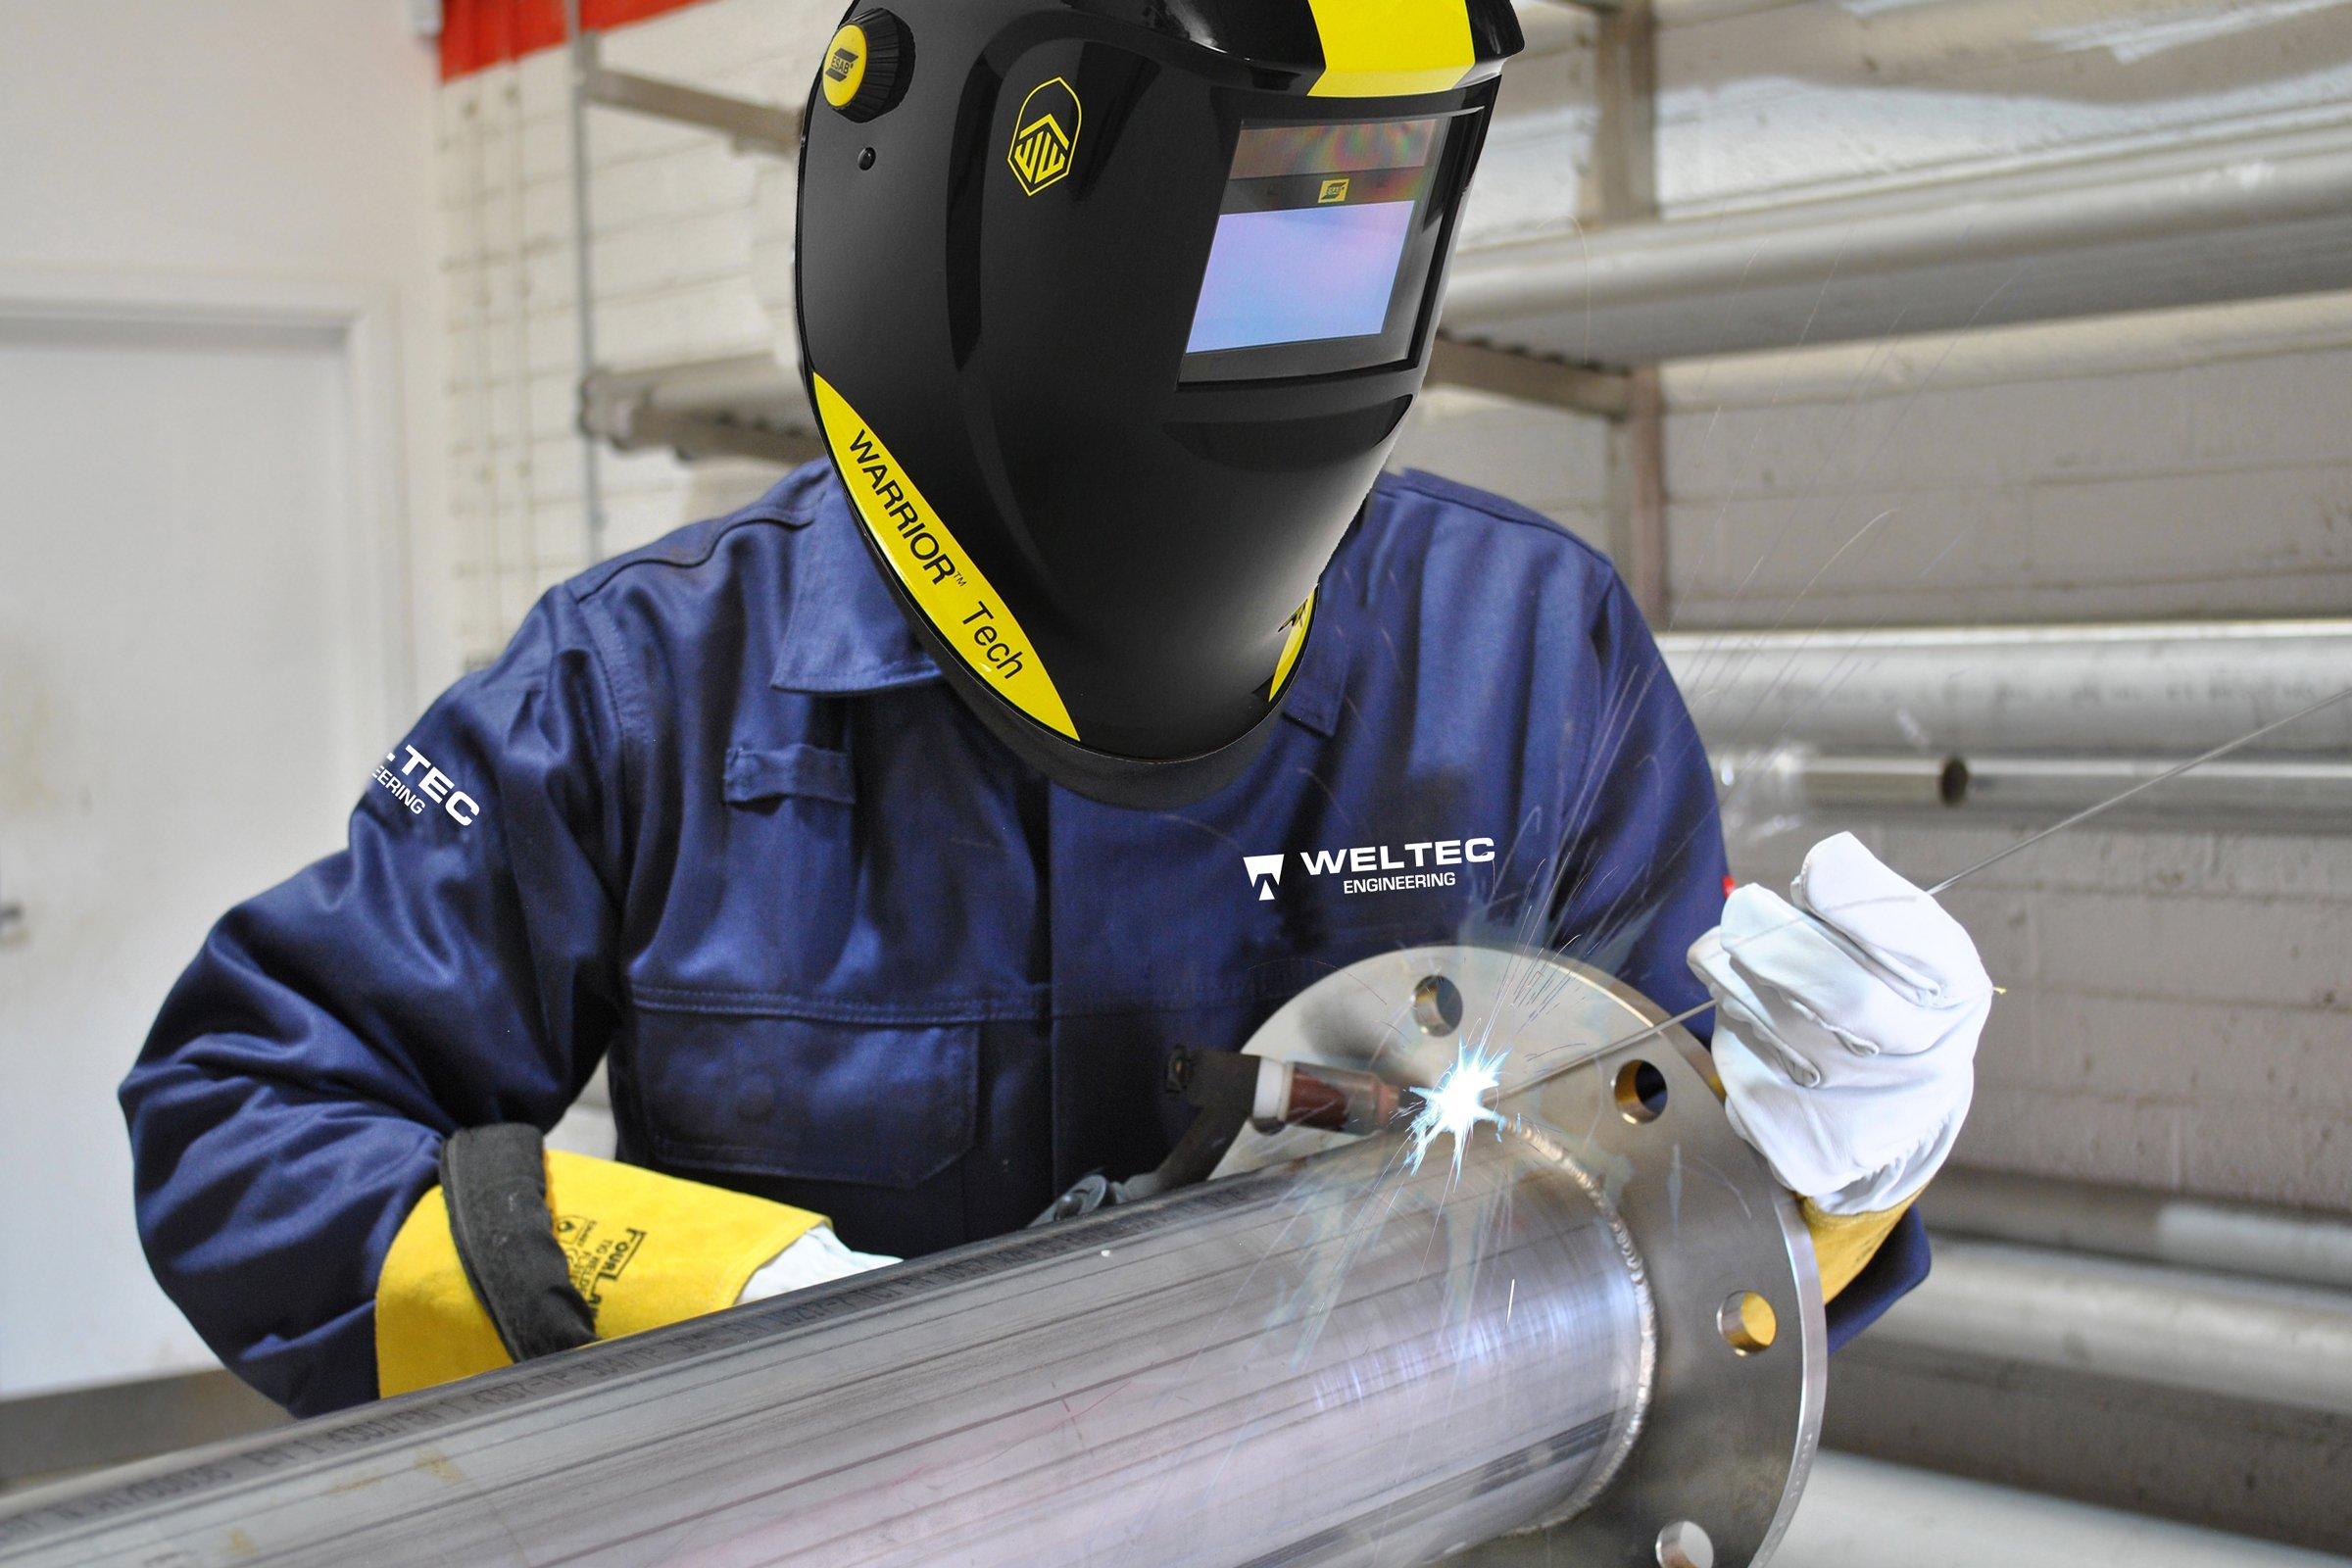 Stainless Steel Workshop